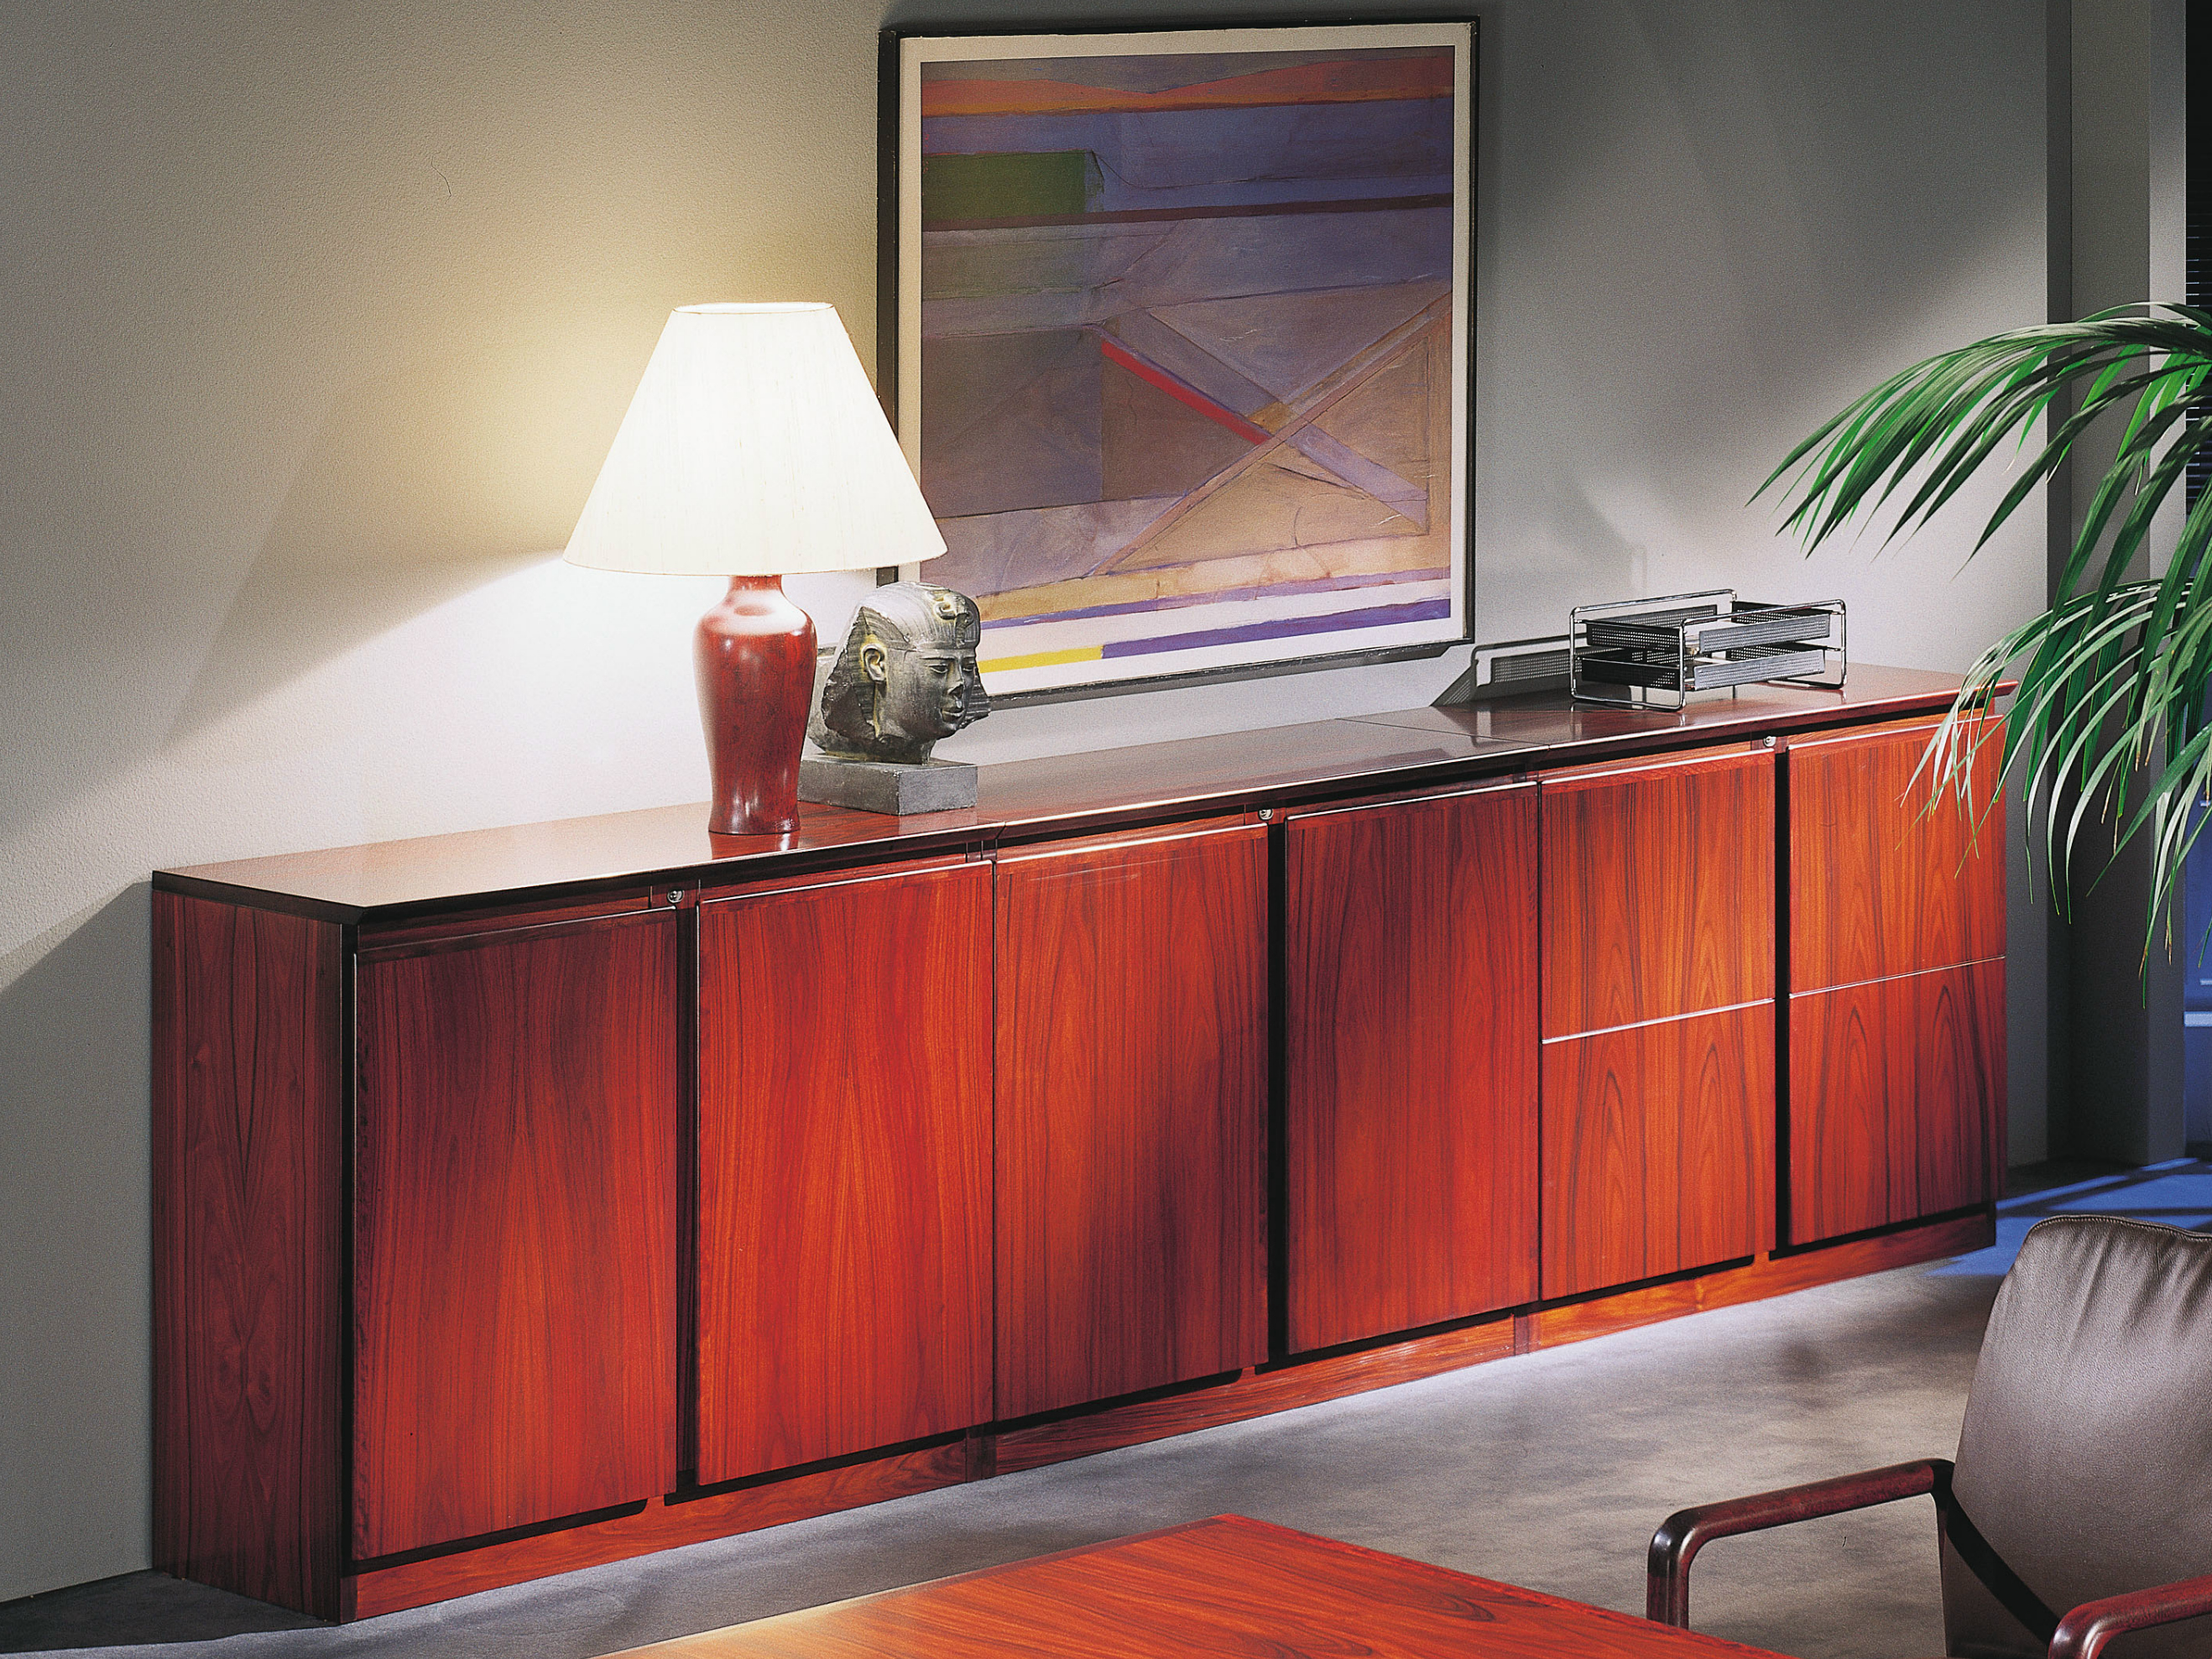 louça / armário de escritório de madeira APOLLO Armário de  #A54526 2636x1977